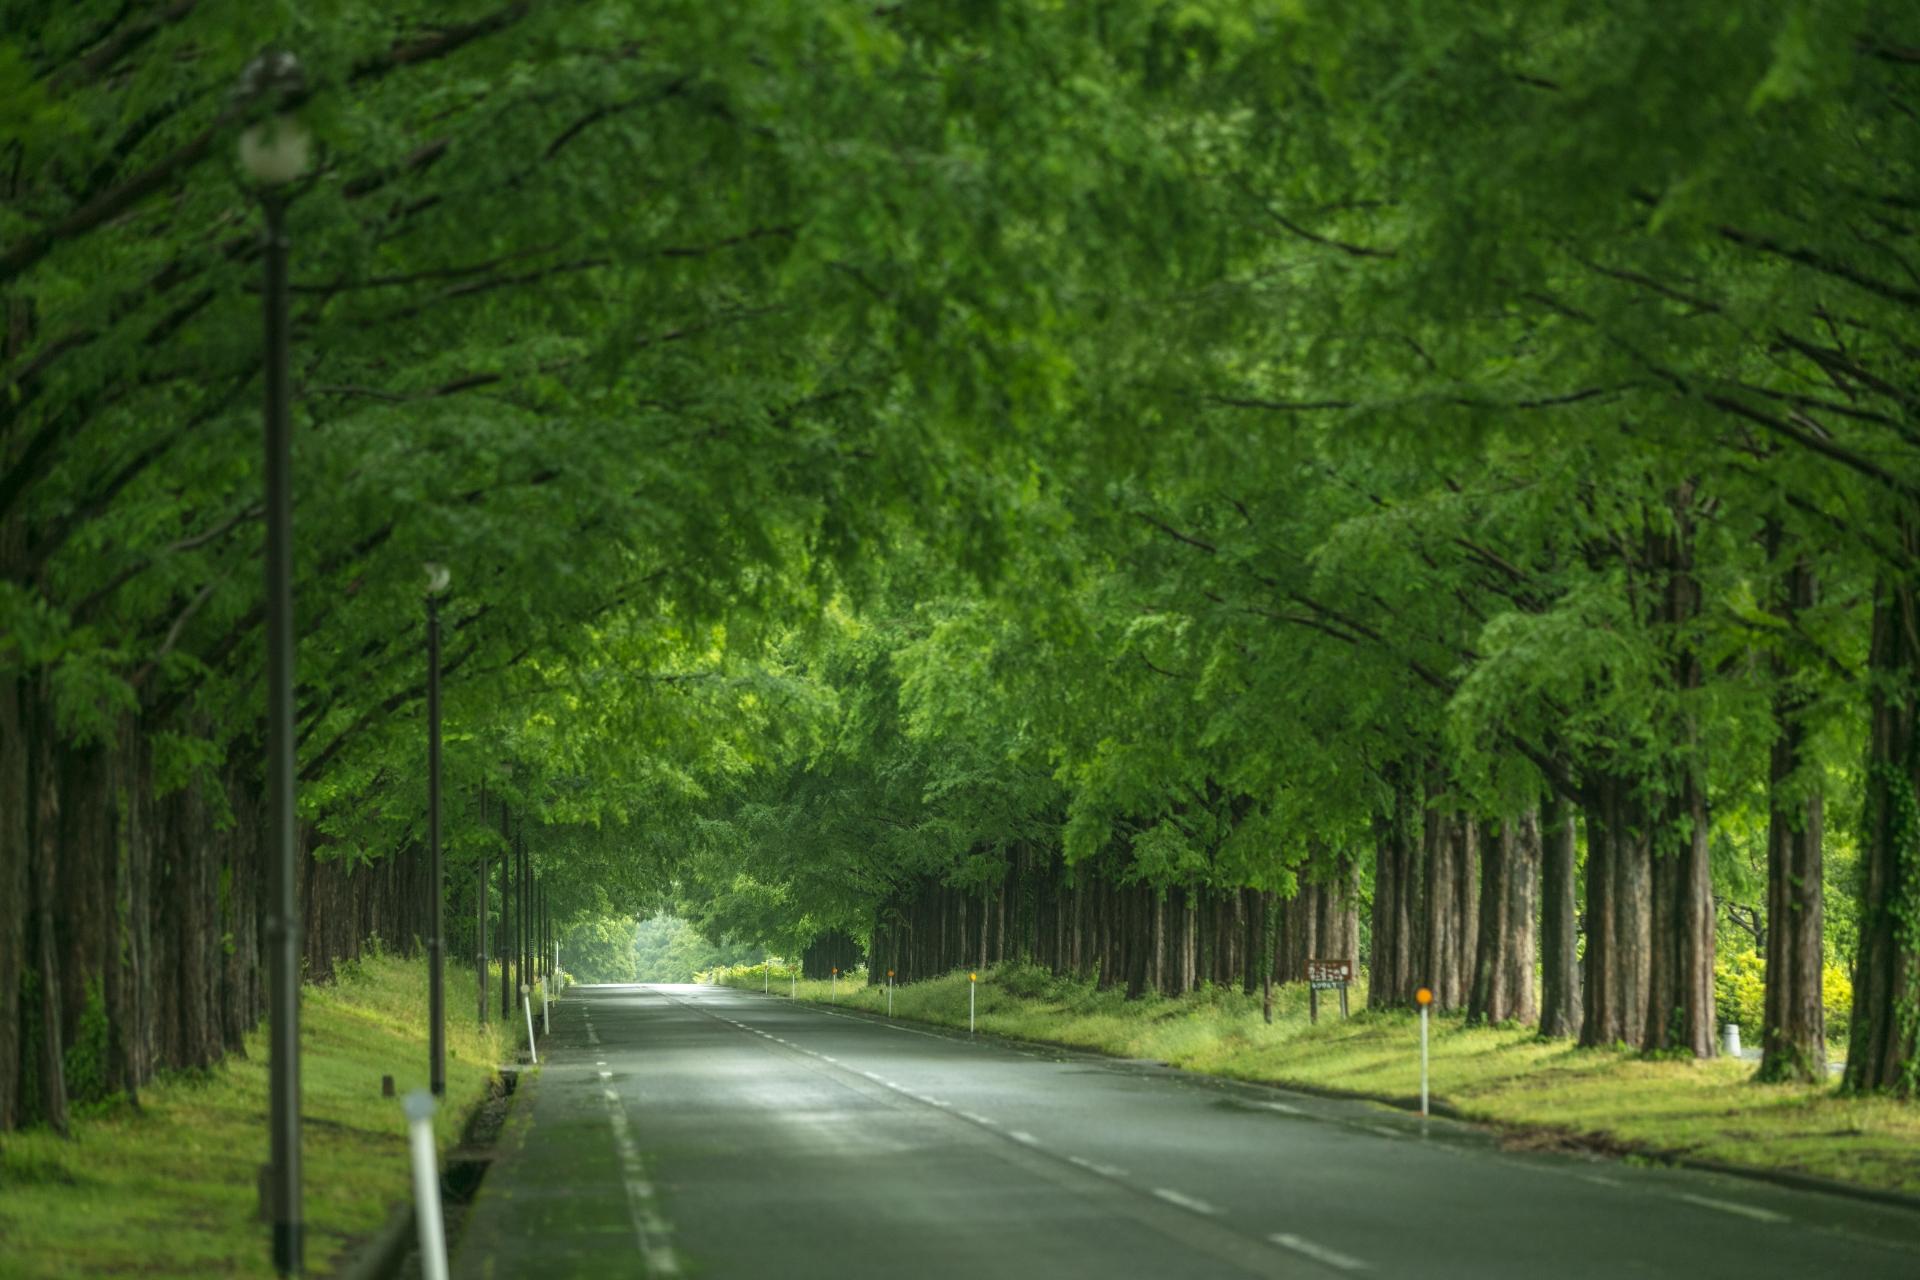 3884239_m 滋賀県  メタセコイア並木(約2.4km続く絶景のメタセコイア並木! 新緑の季節におすすめのスポット。 写真の紹介、アクセス情報や駐車場情報など)